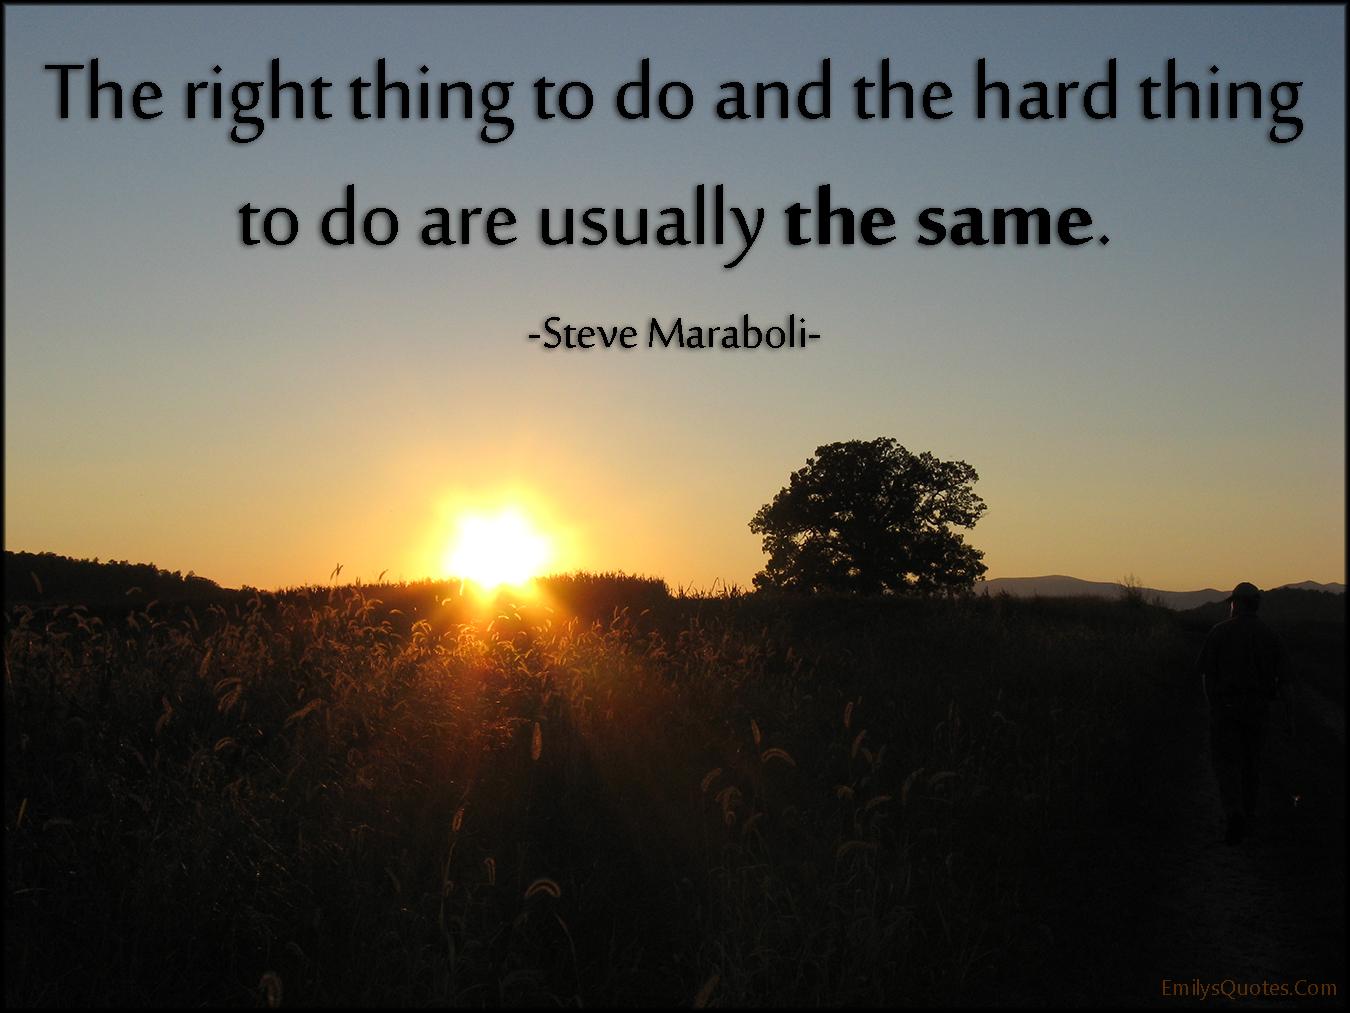 EmilysQuotes.Com - right thing, do, hard, same, life, intelligent, choice, Steve Maraboli